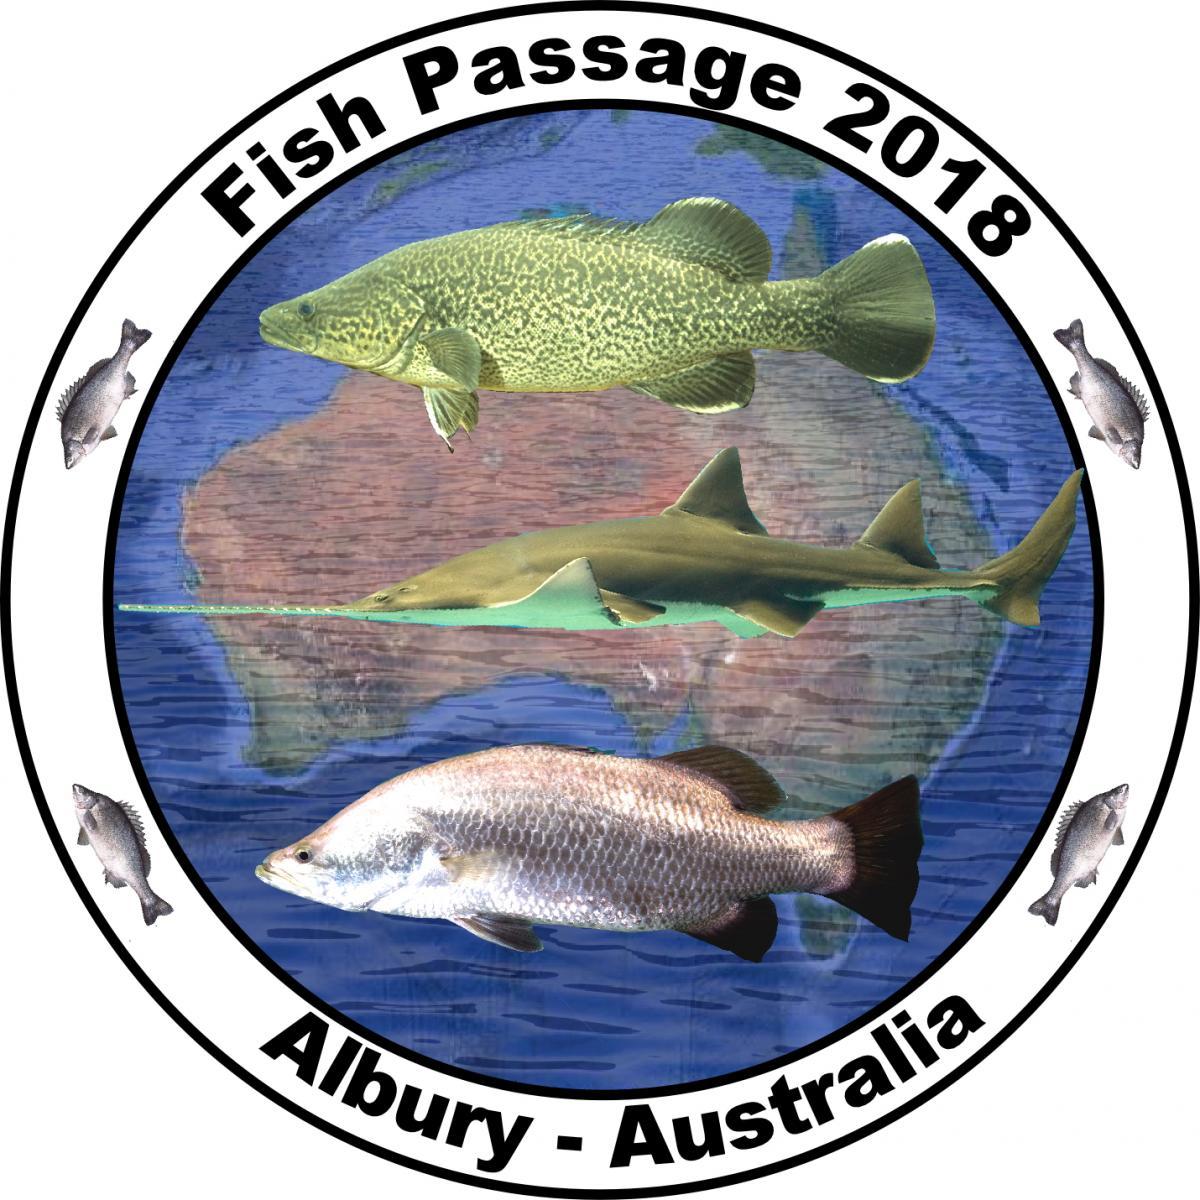 fish passage 2018 fish passage 2017 umass amherst